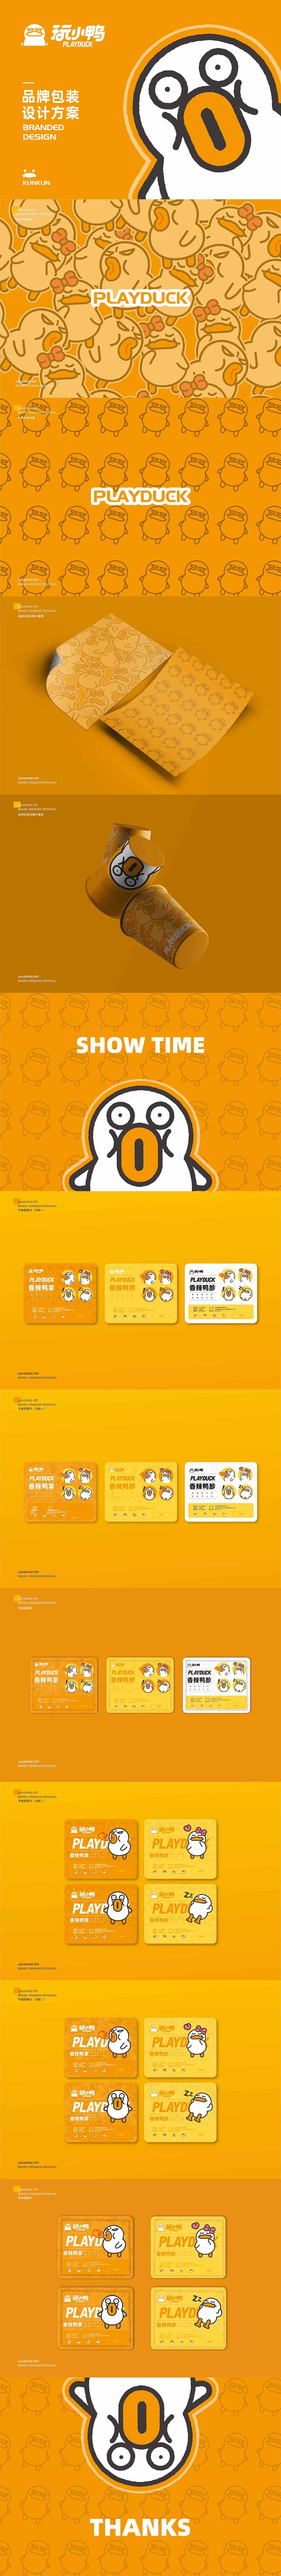 玩小鸭品牌包装设计